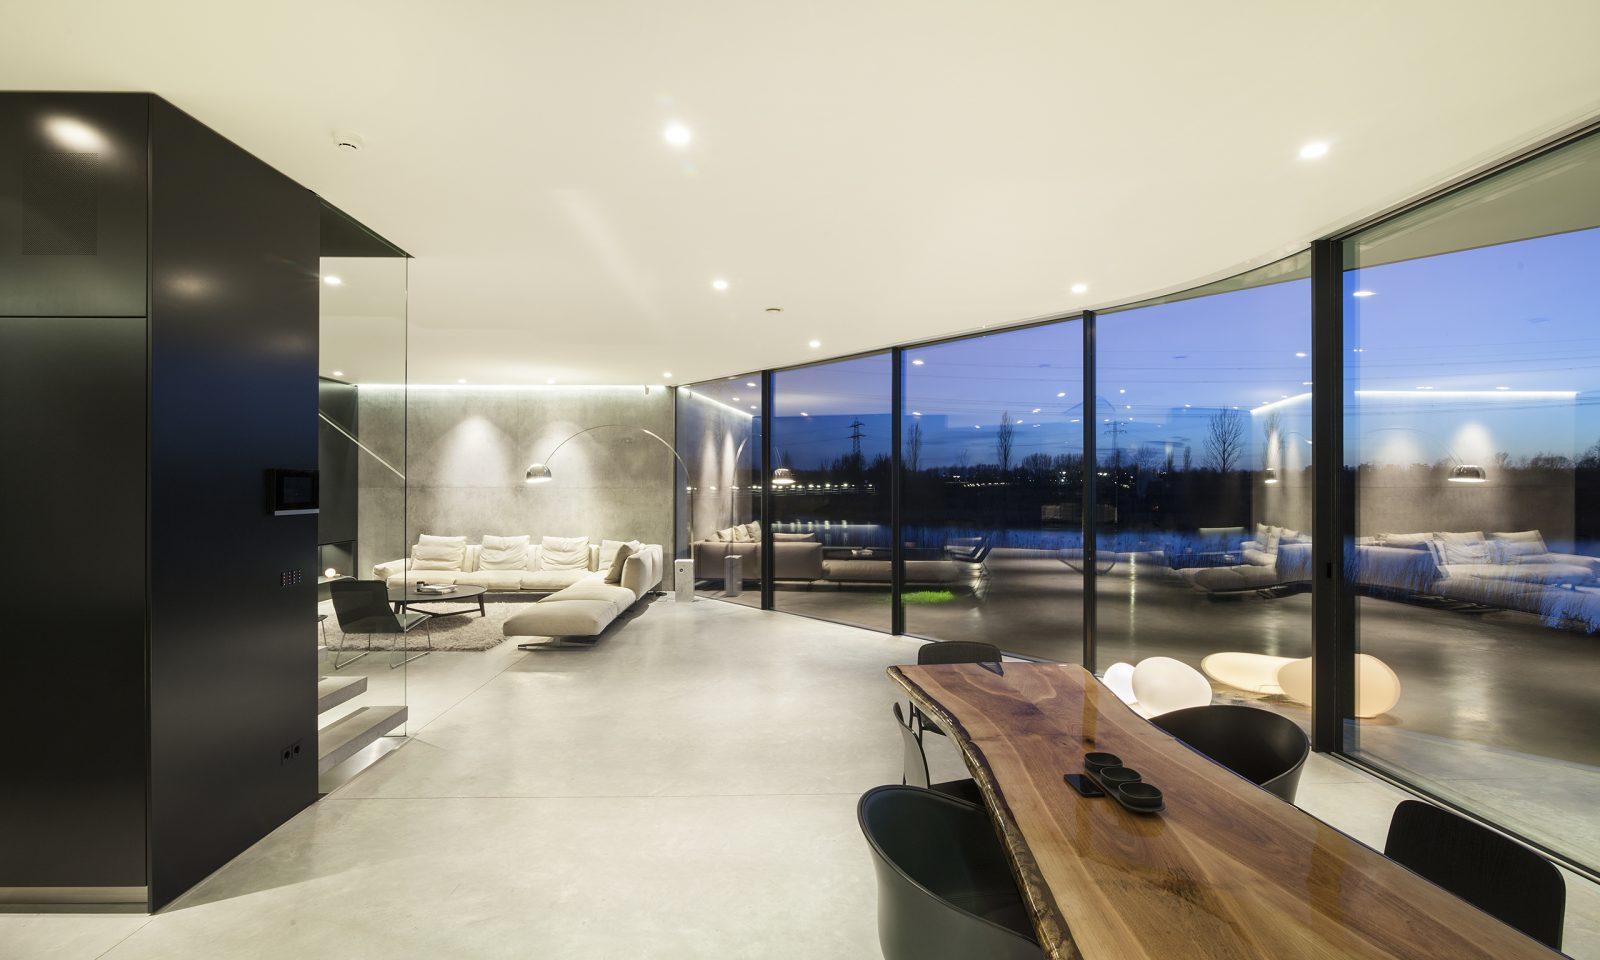 Studioninedots Villa Kavel 01 Amsterdam interior